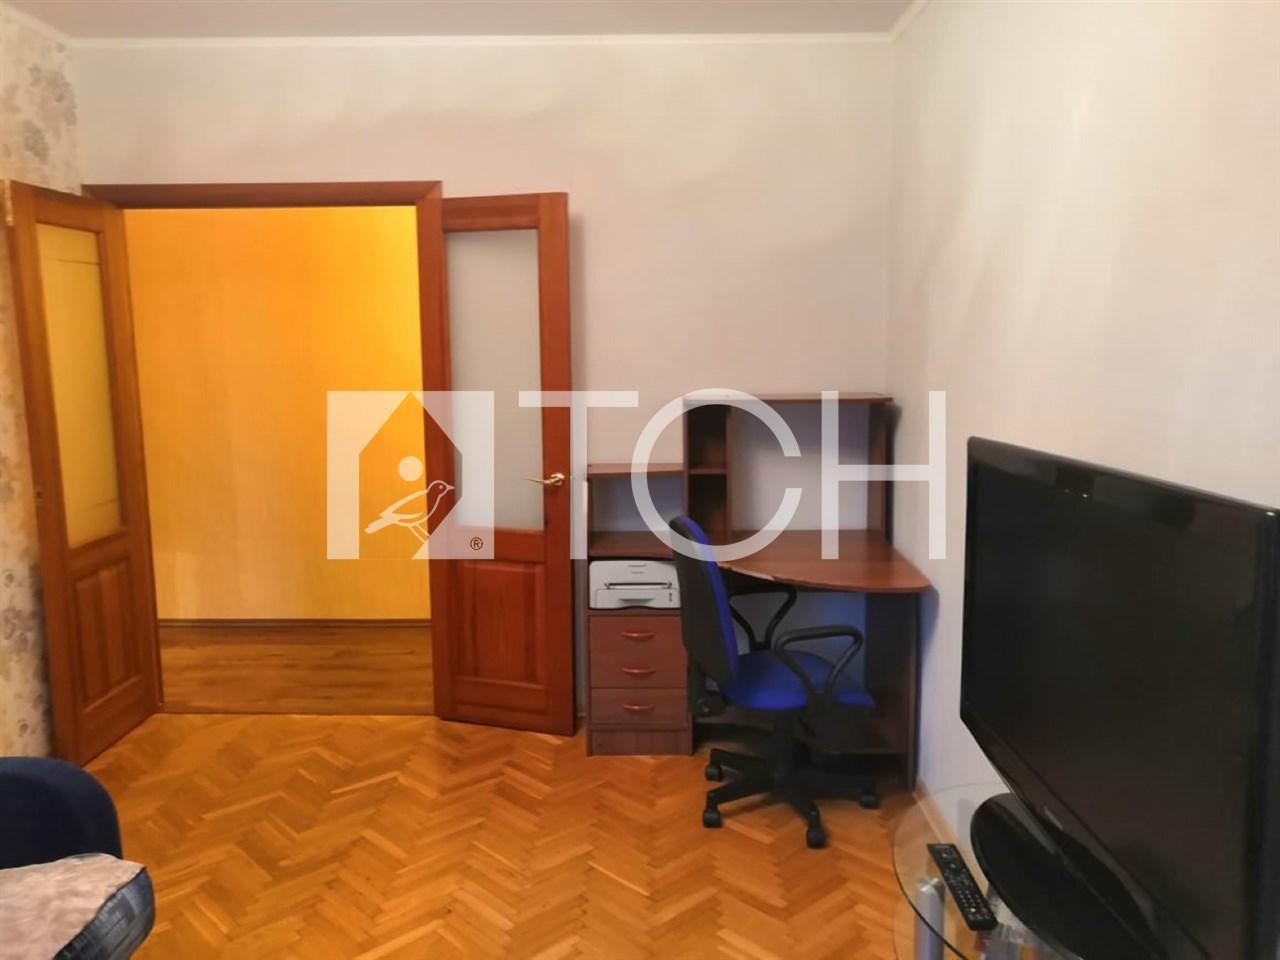 Квартира, 2 комнаты, 44 м² в Ивантеевке 89261425000 купить 5